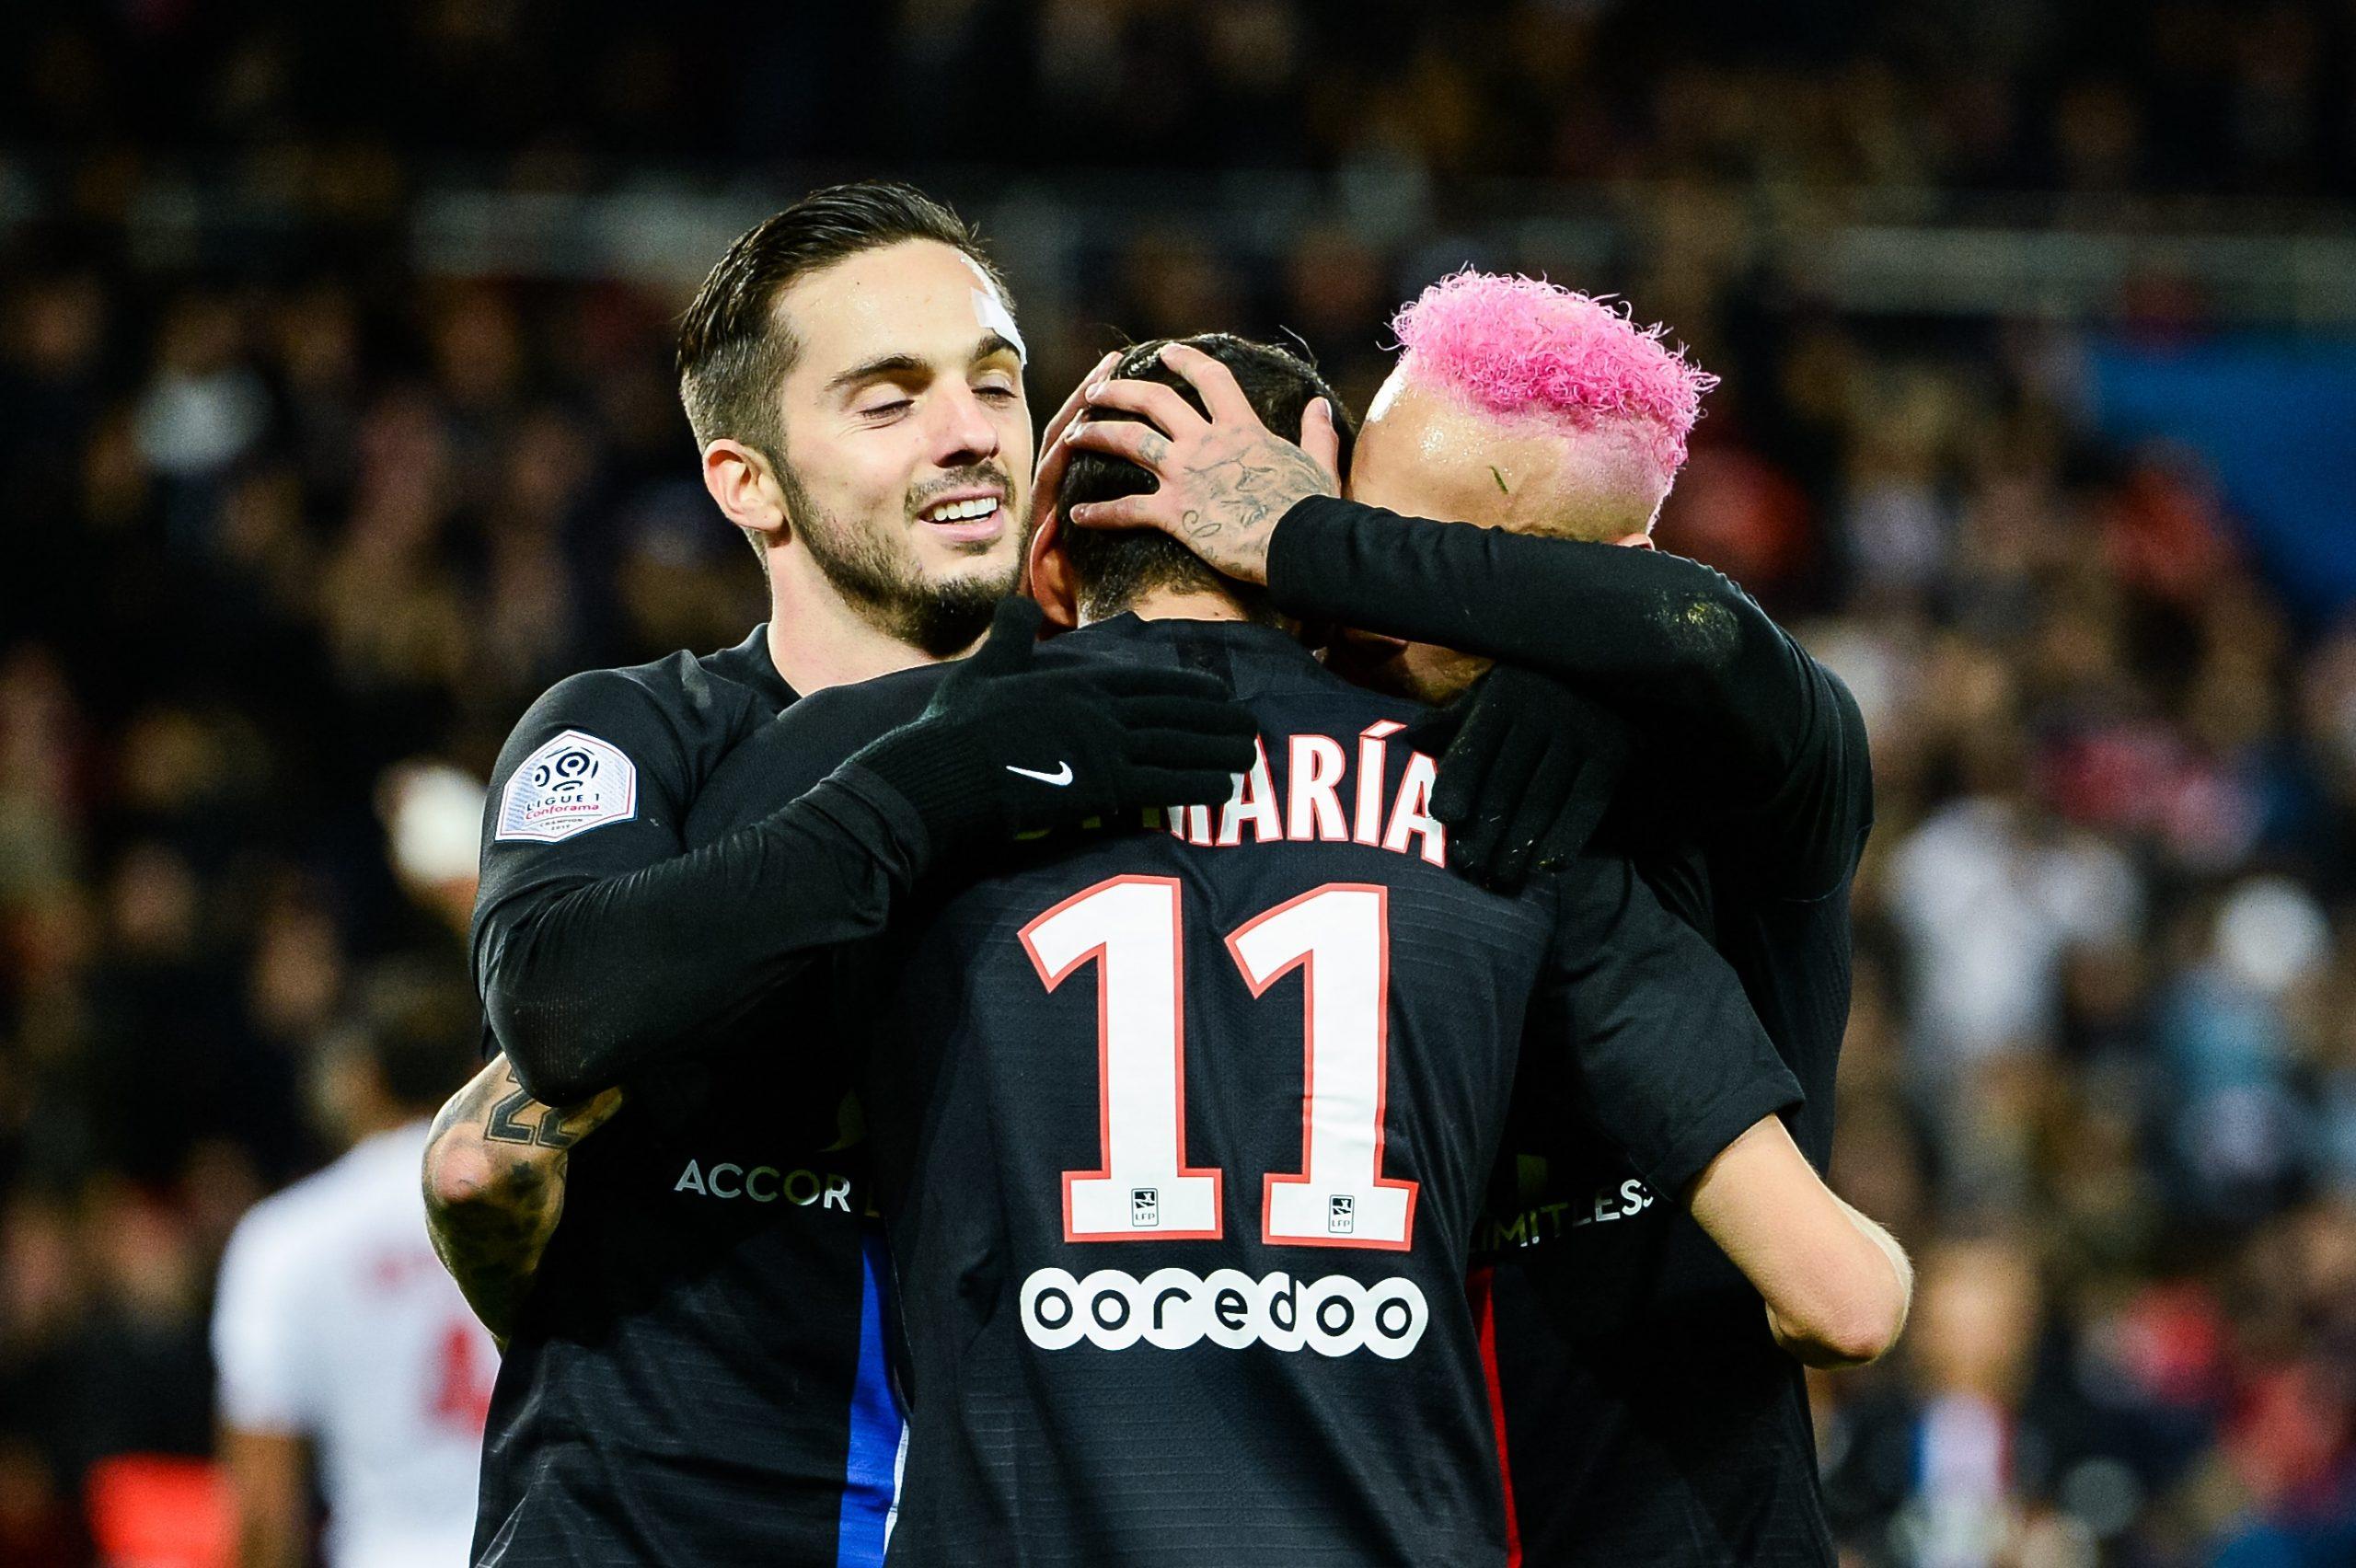 PSG/Montpellier - Les notes des Parisiens dans la presse : Neymar, Sarabia, Di Maria et Kurzawa au top